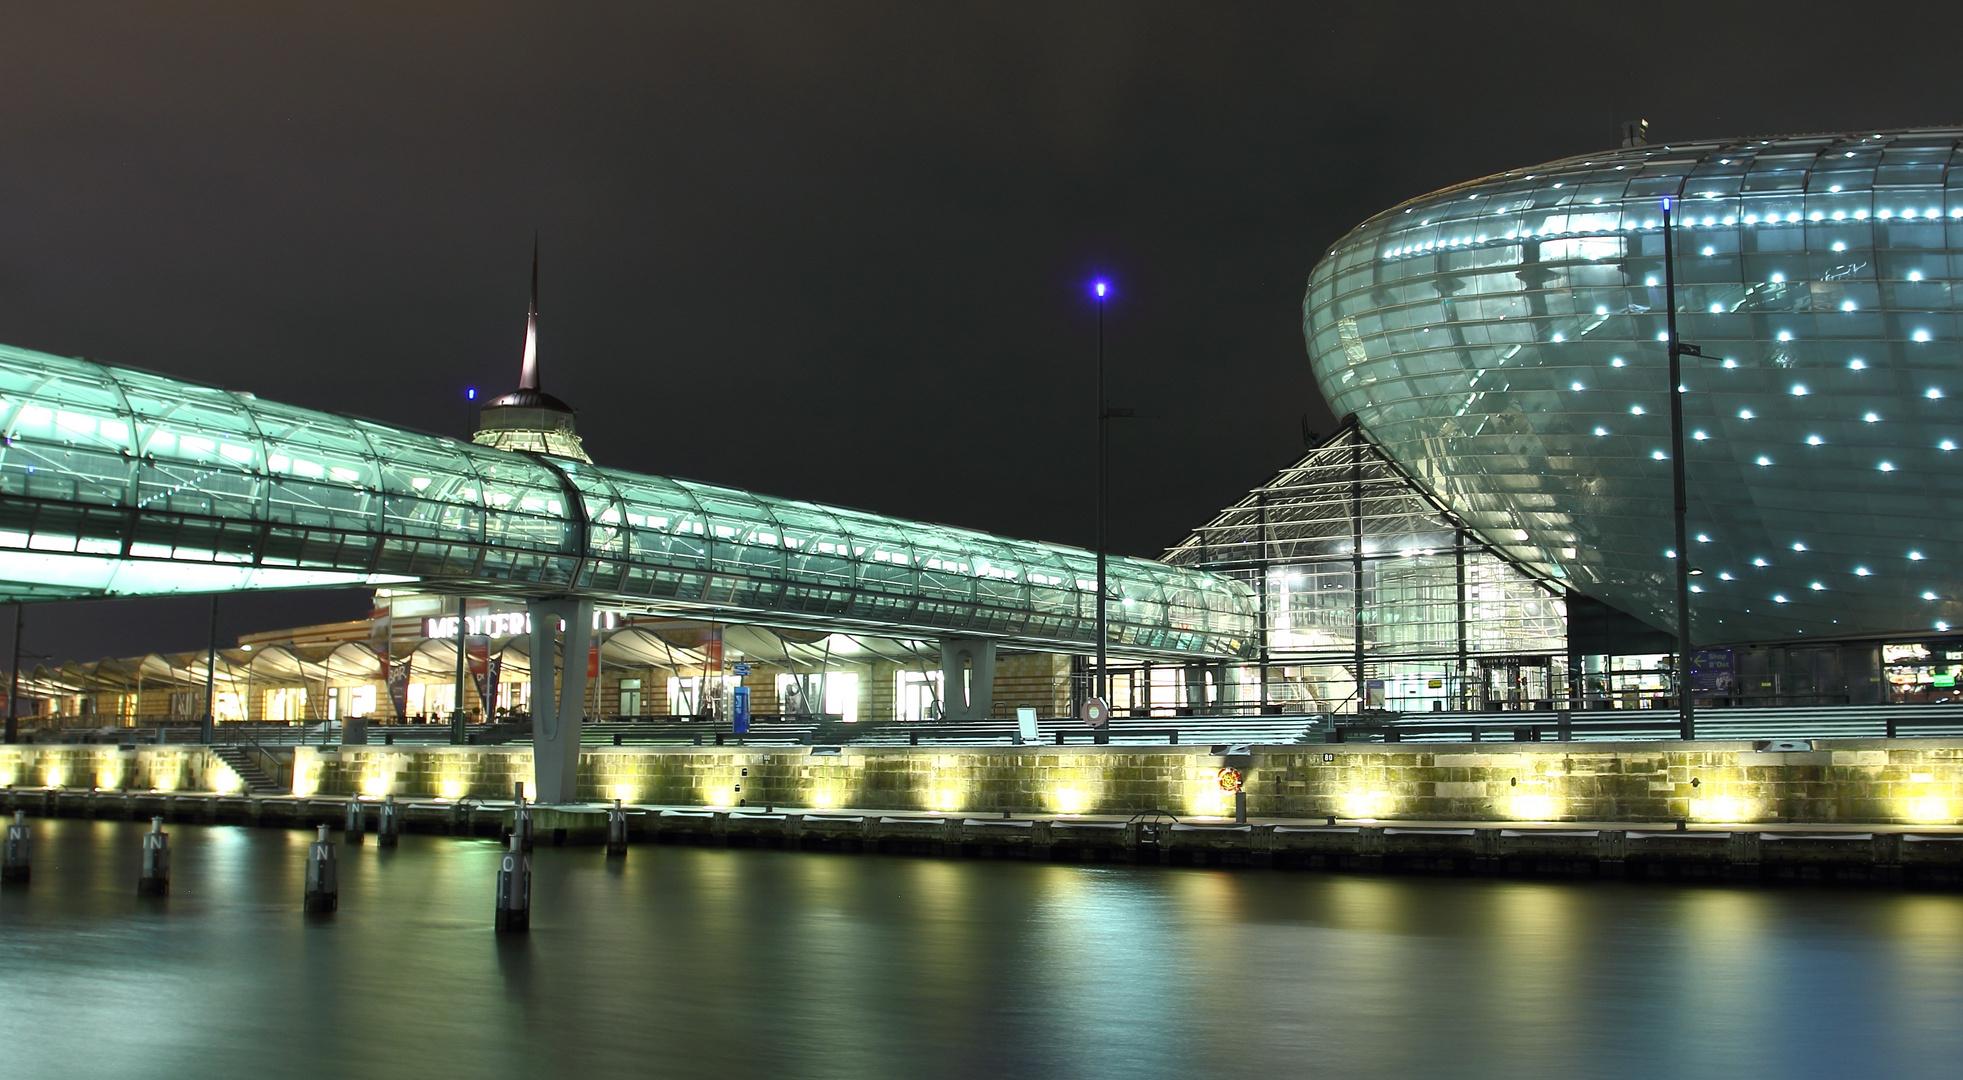 Glasbr cke in den havenwelten bremerhaven foto bild architektur architektur bei nacht - Architektur bremerhaven ...